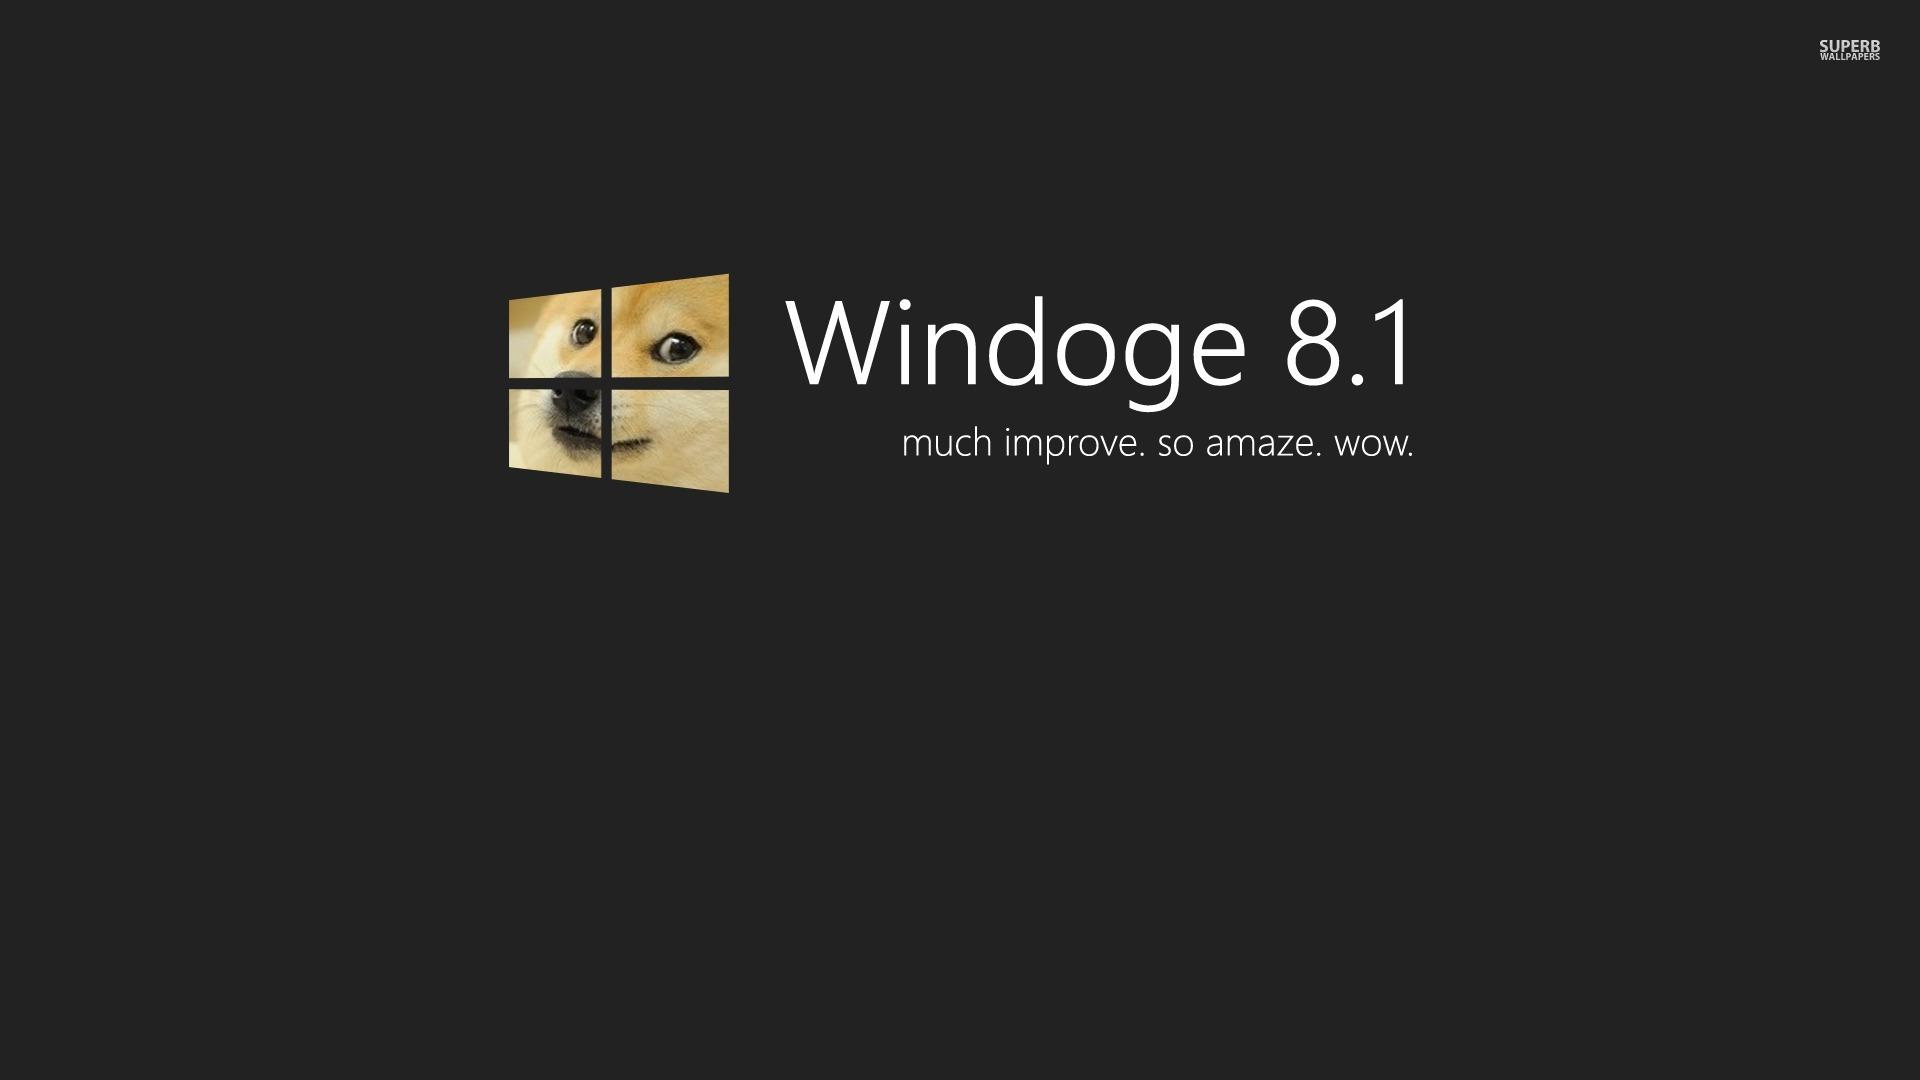 windows 8 1 wallpapers for desktop wallpapersafari